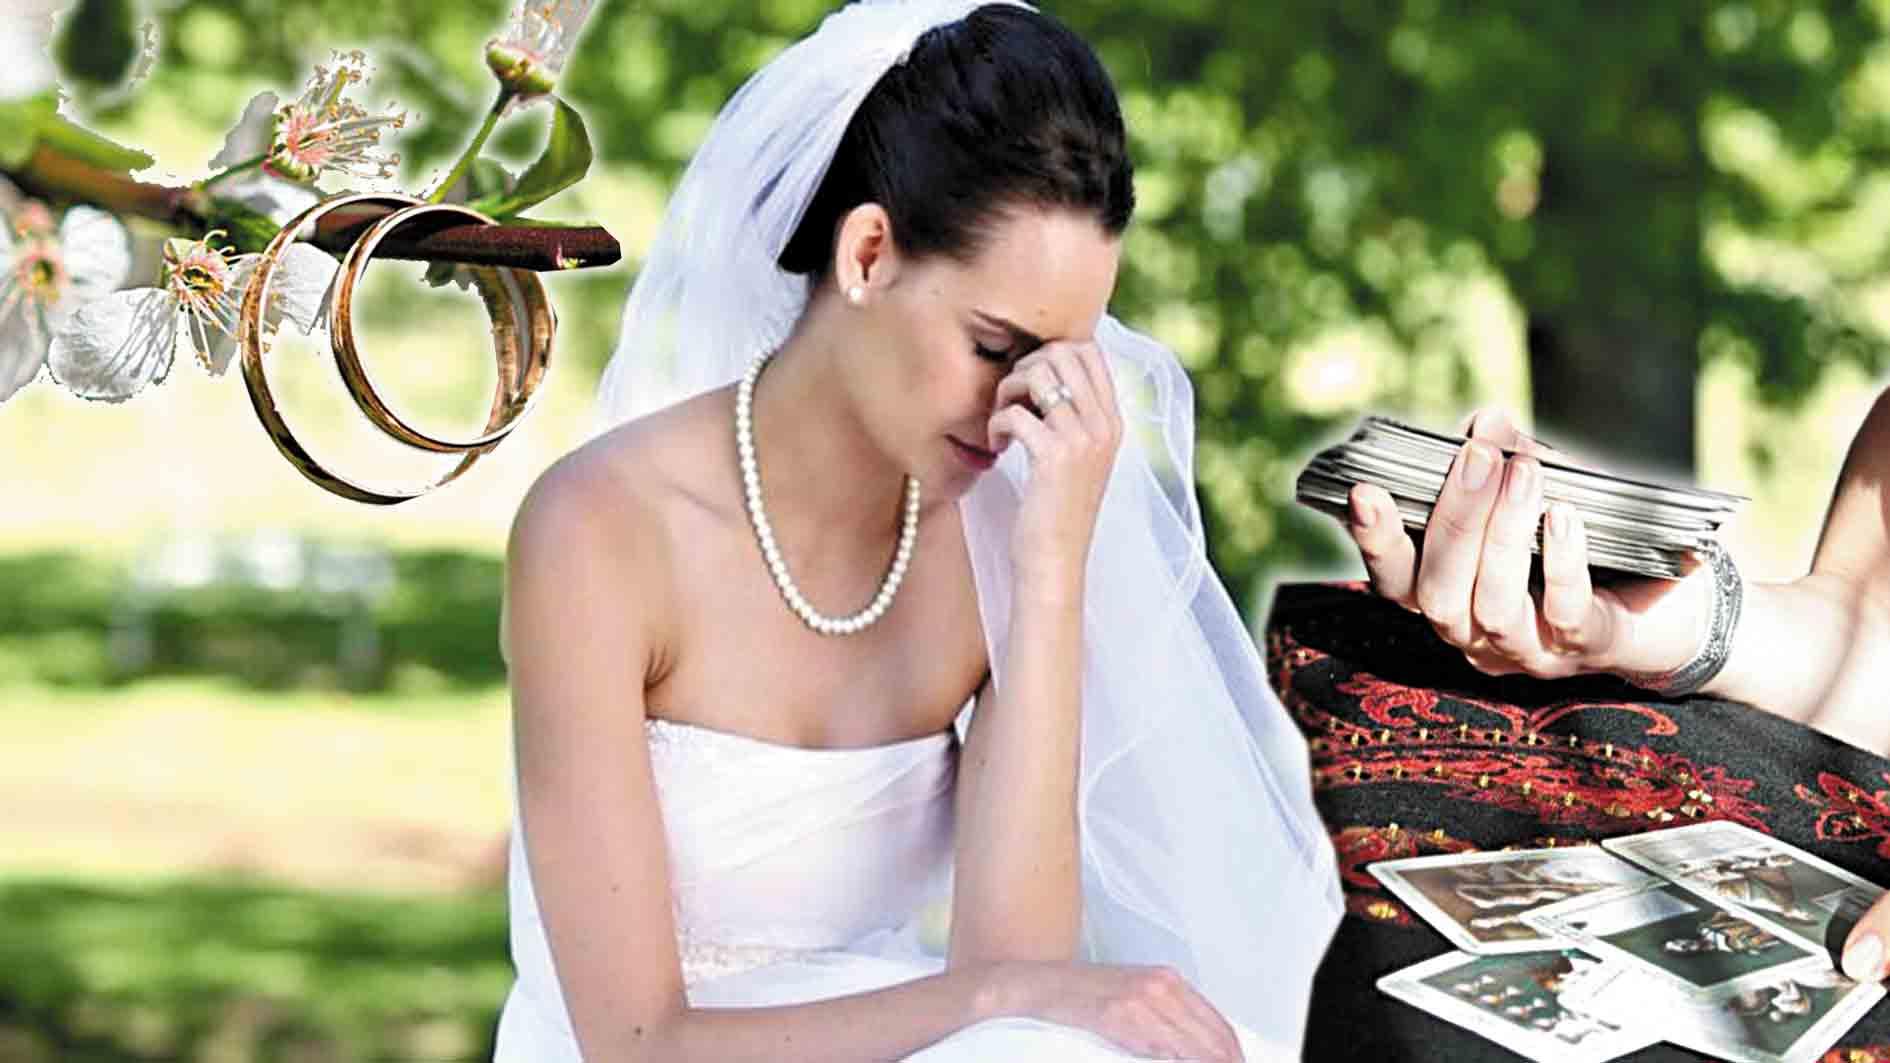 Ворожка нагадала, що мені ніколи не бути нареченою. Передбачення збулося. Ми відмінили весілля через коронавірус (лист)